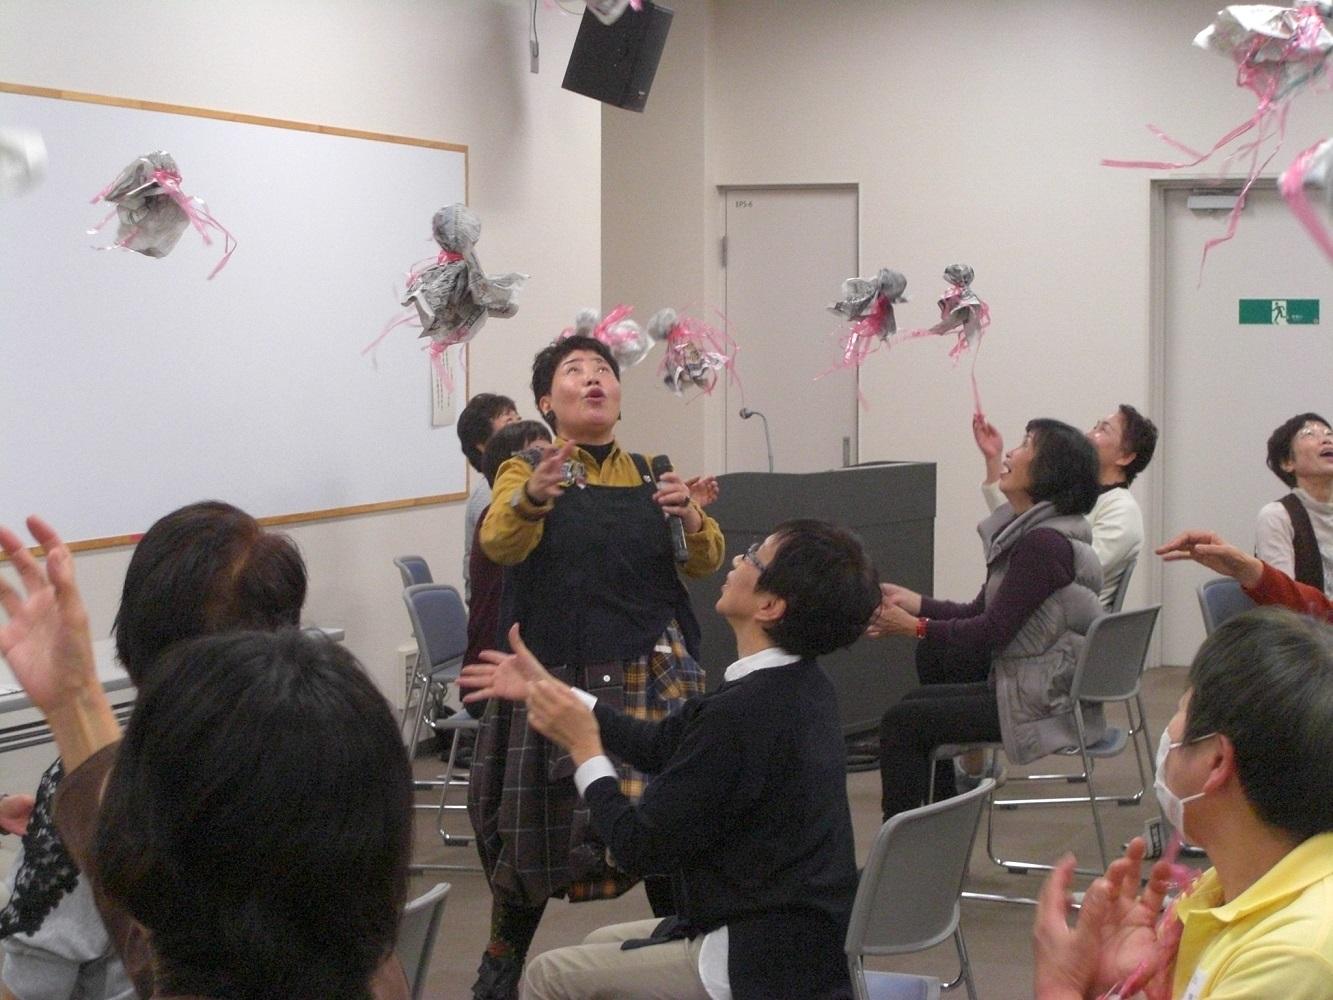 平成30年度第4回フォローアップ研修会「簡単・楽しい遊び講座」を開催しました。